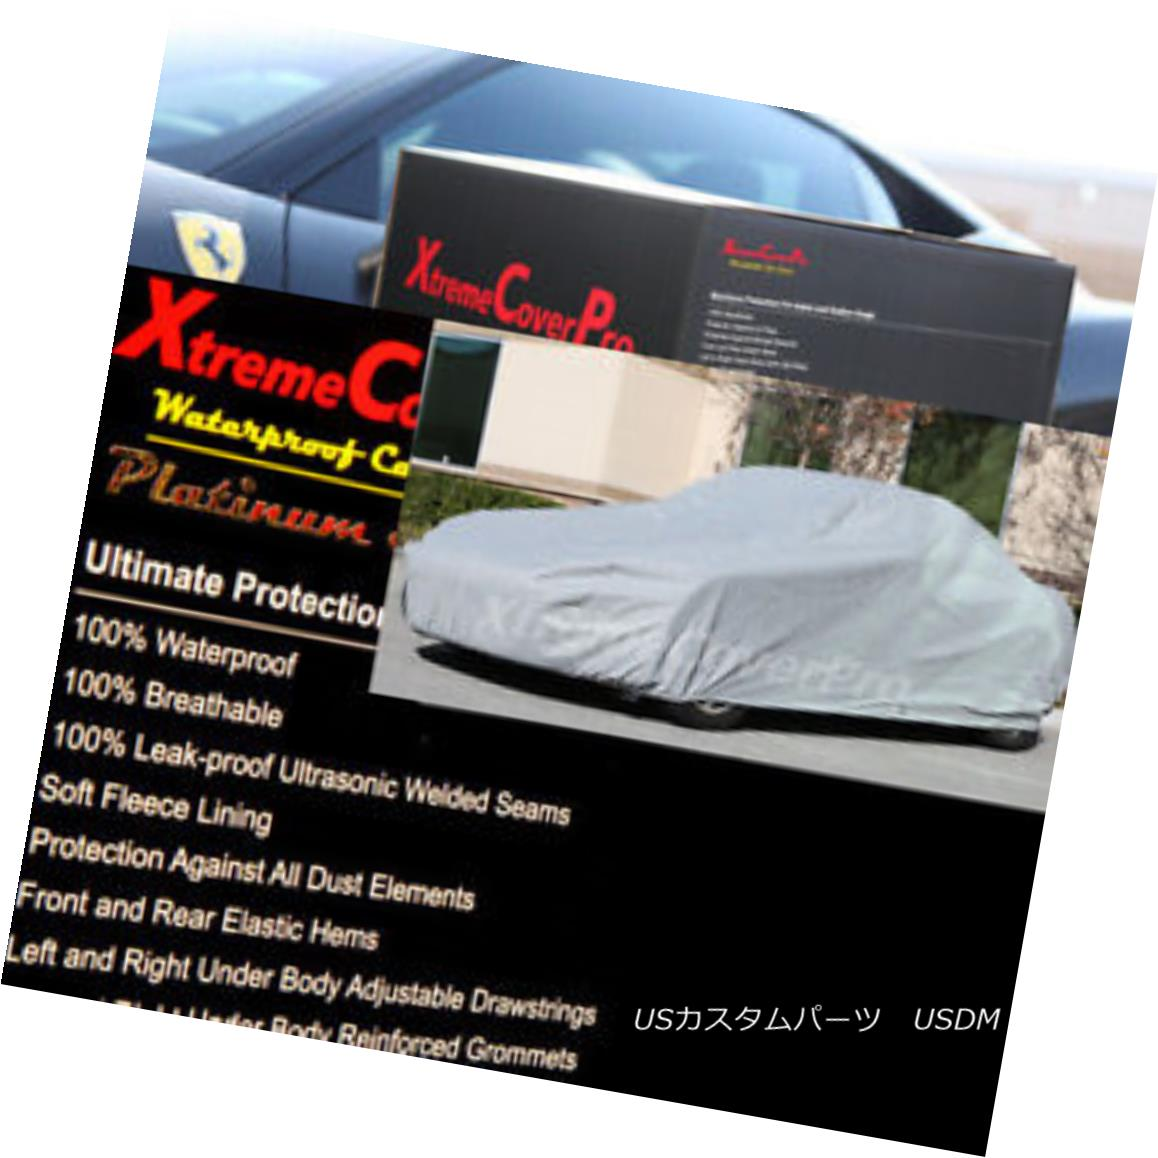 カーカバー 2004 2005 2006 2007 2008 Chrysler Crossfire Waterproof Car Cover 2004年2005年2006年2007年2008年クライスラークロスファイア防水カーカバー